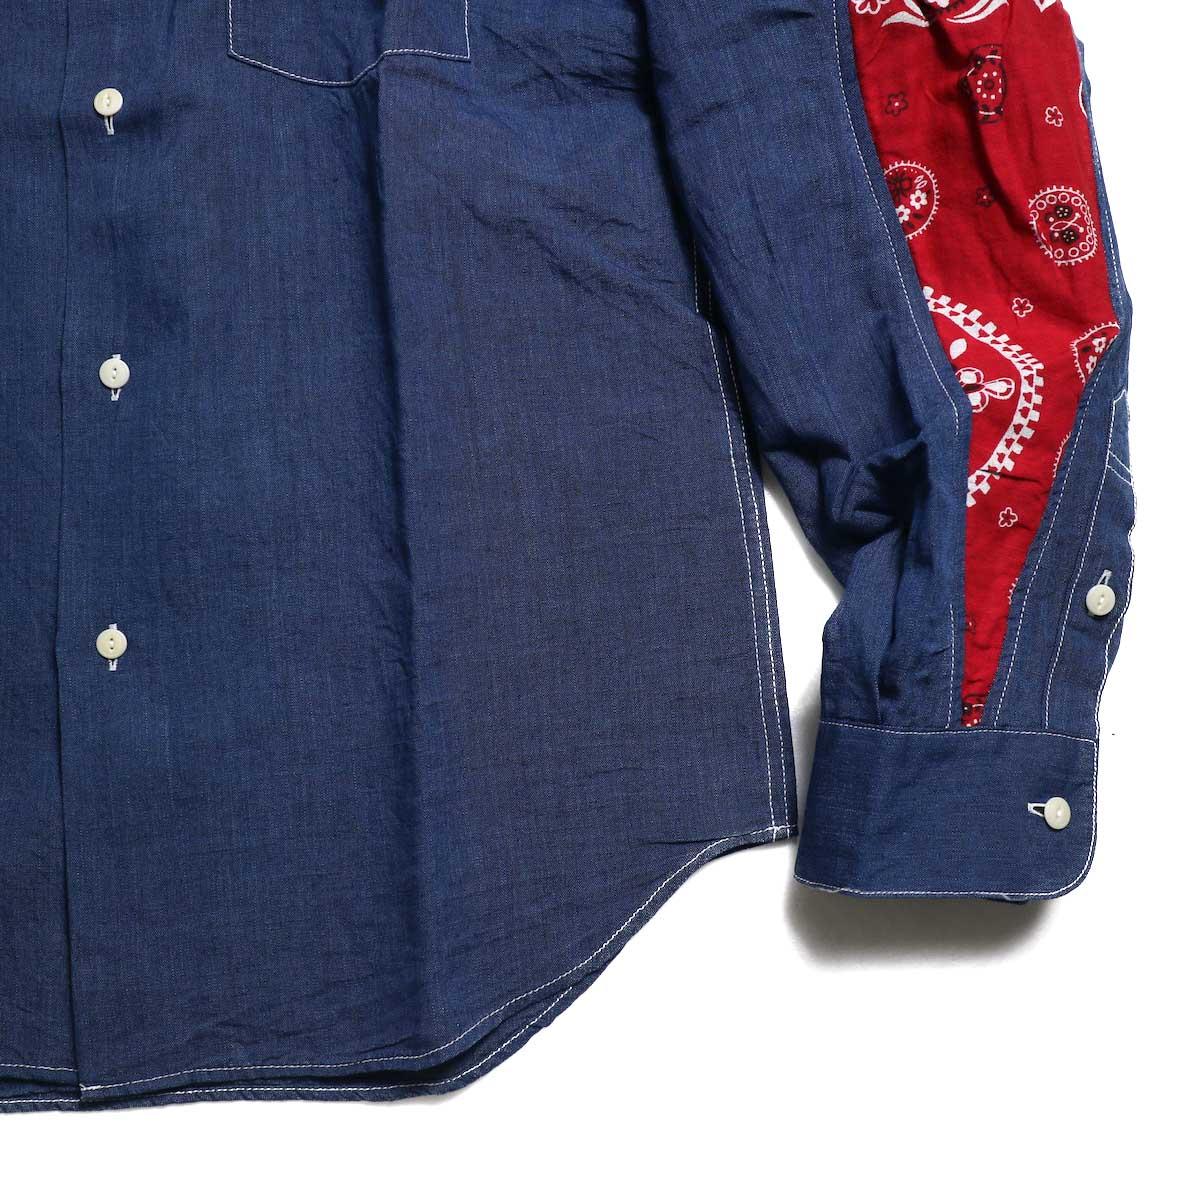 visvim / ALBACORE JUMBO SHIRT L/S (LUXSIC) -Navy 裾、袖